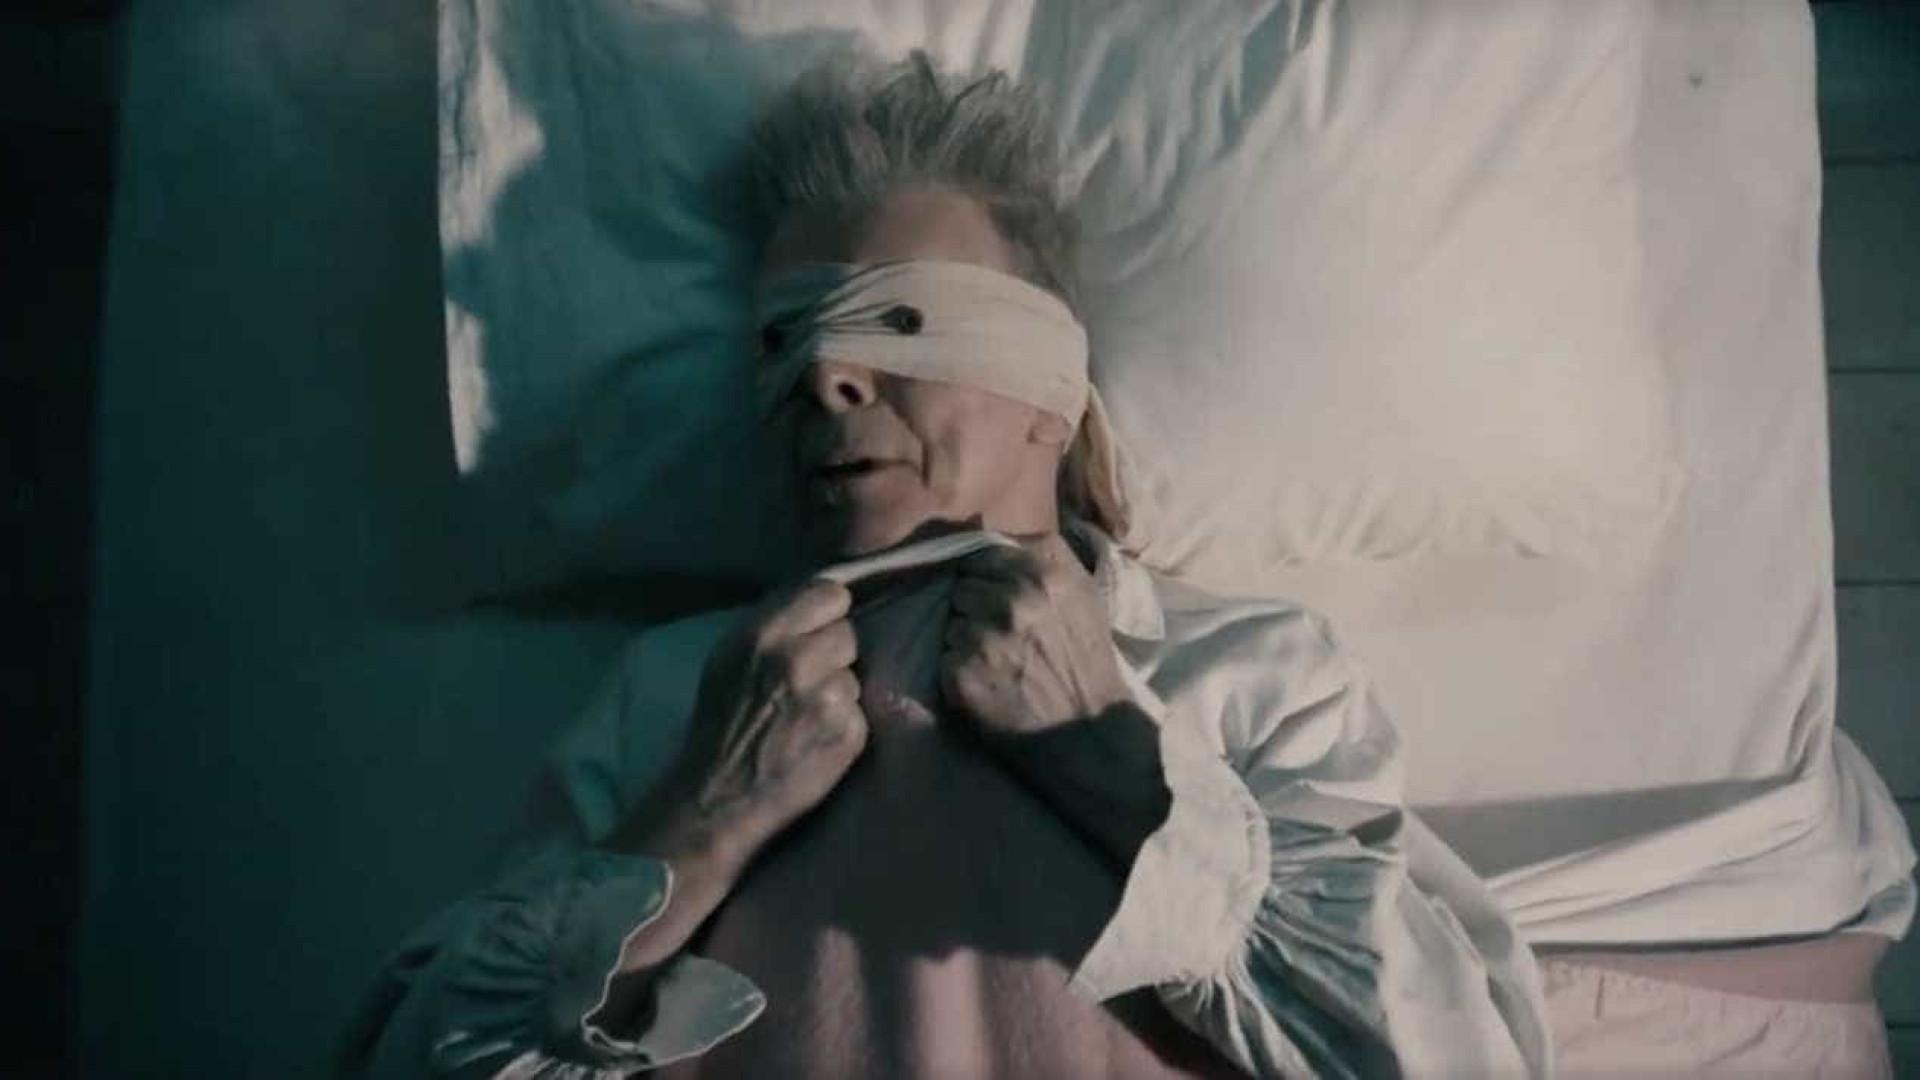 Obra de David Bowie é tema de mostra em Fortaleza